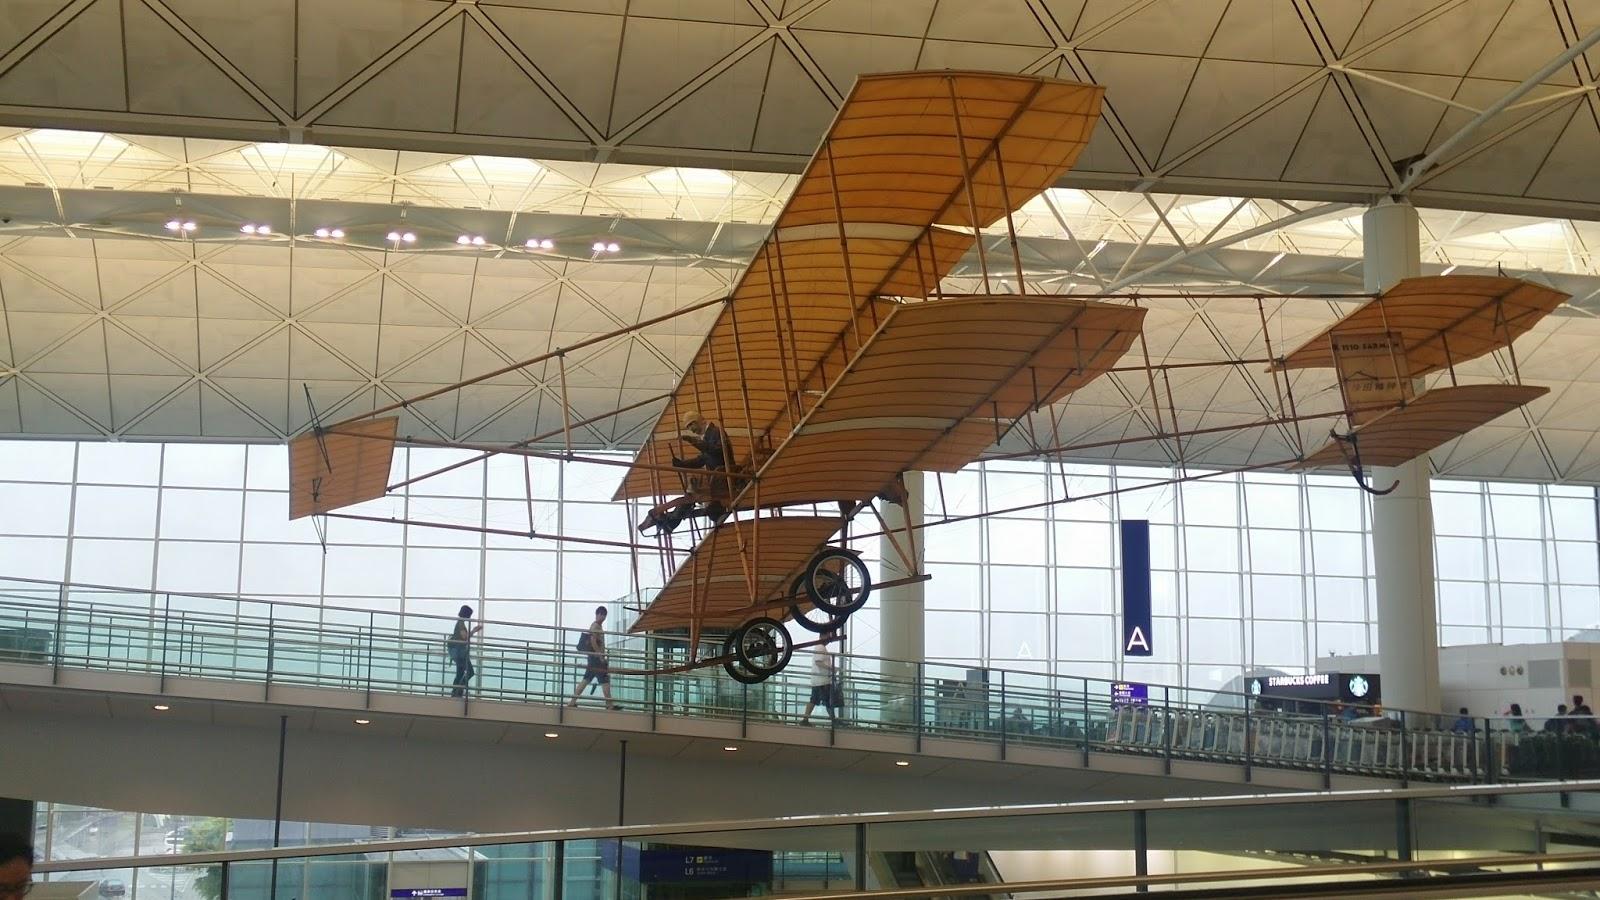 黑老闆說︱香港國際機場出境航廈吊掛著萊特兄弟首飛的小鷹號模型